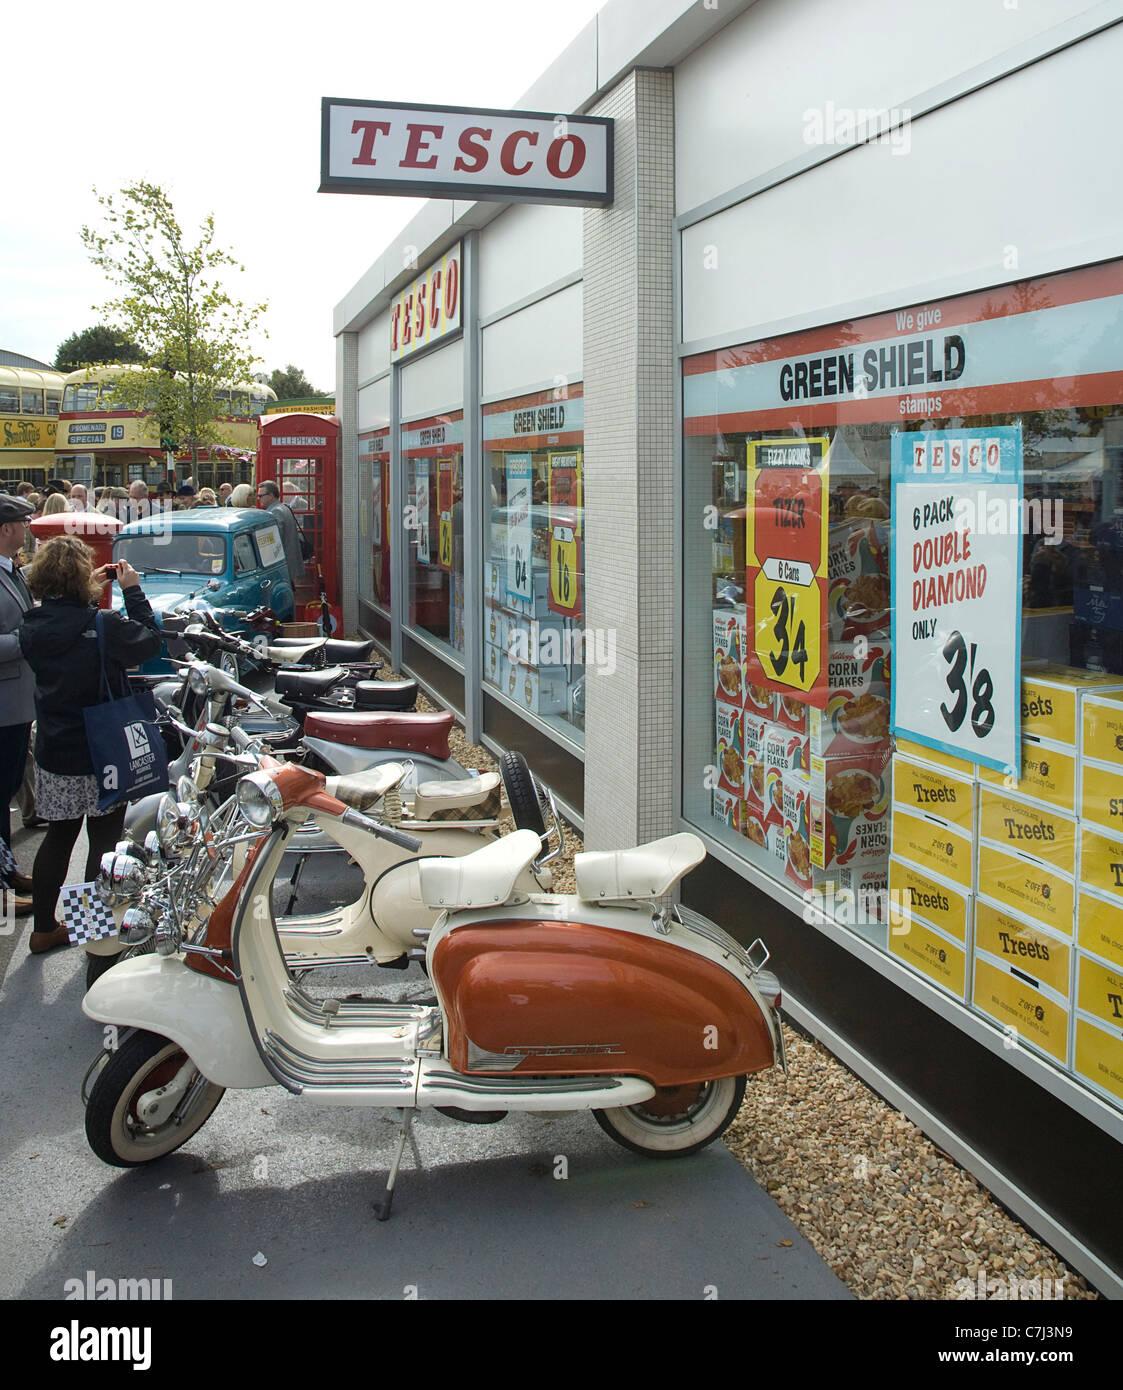 Supermercado Tesco retro com scooters em 2011 Goodwood Revival Imagens de Stock